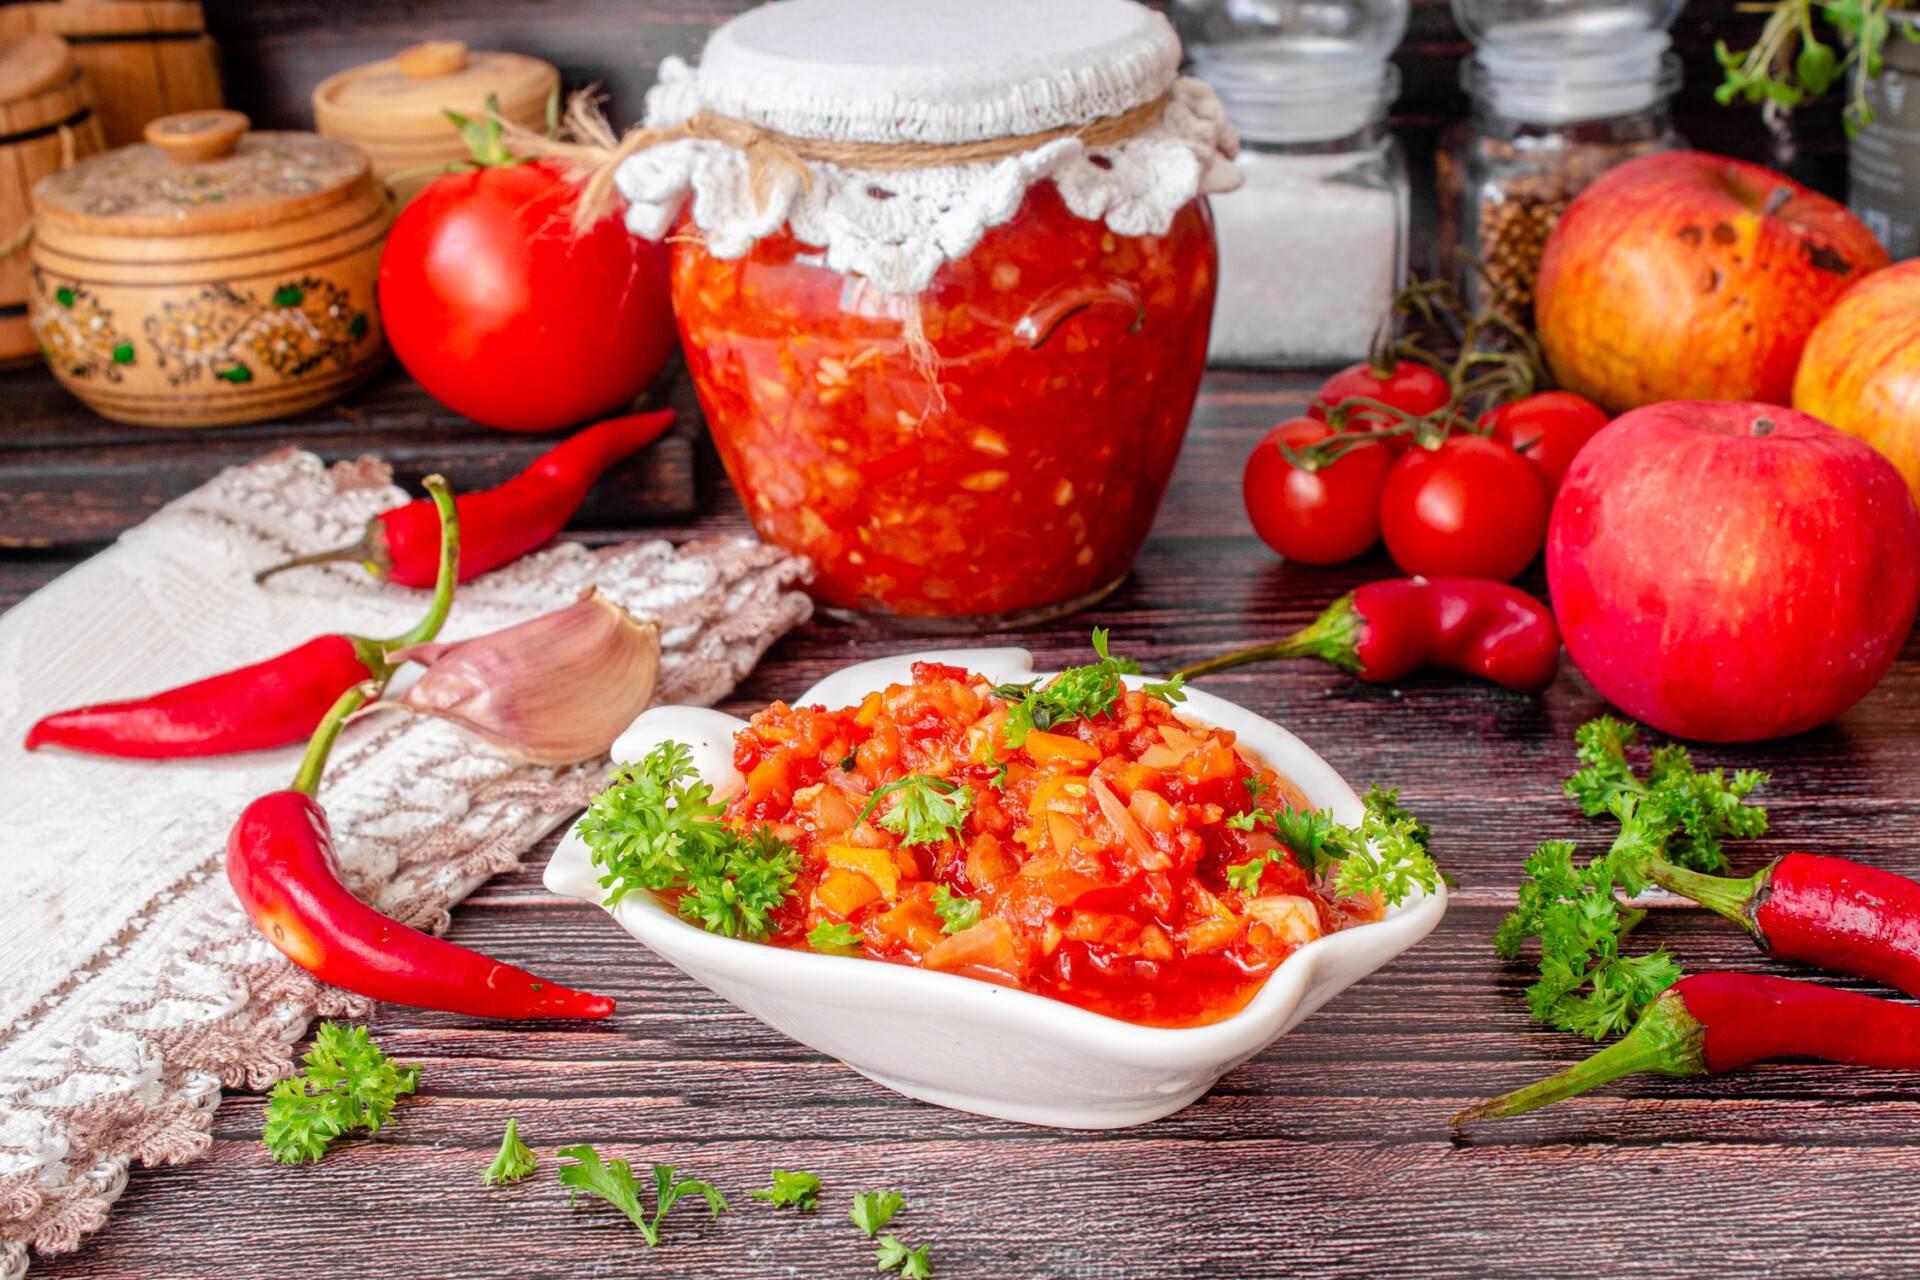 Лучшие рецепты аджики из яблок, помидор, перца, цуккини и хрена